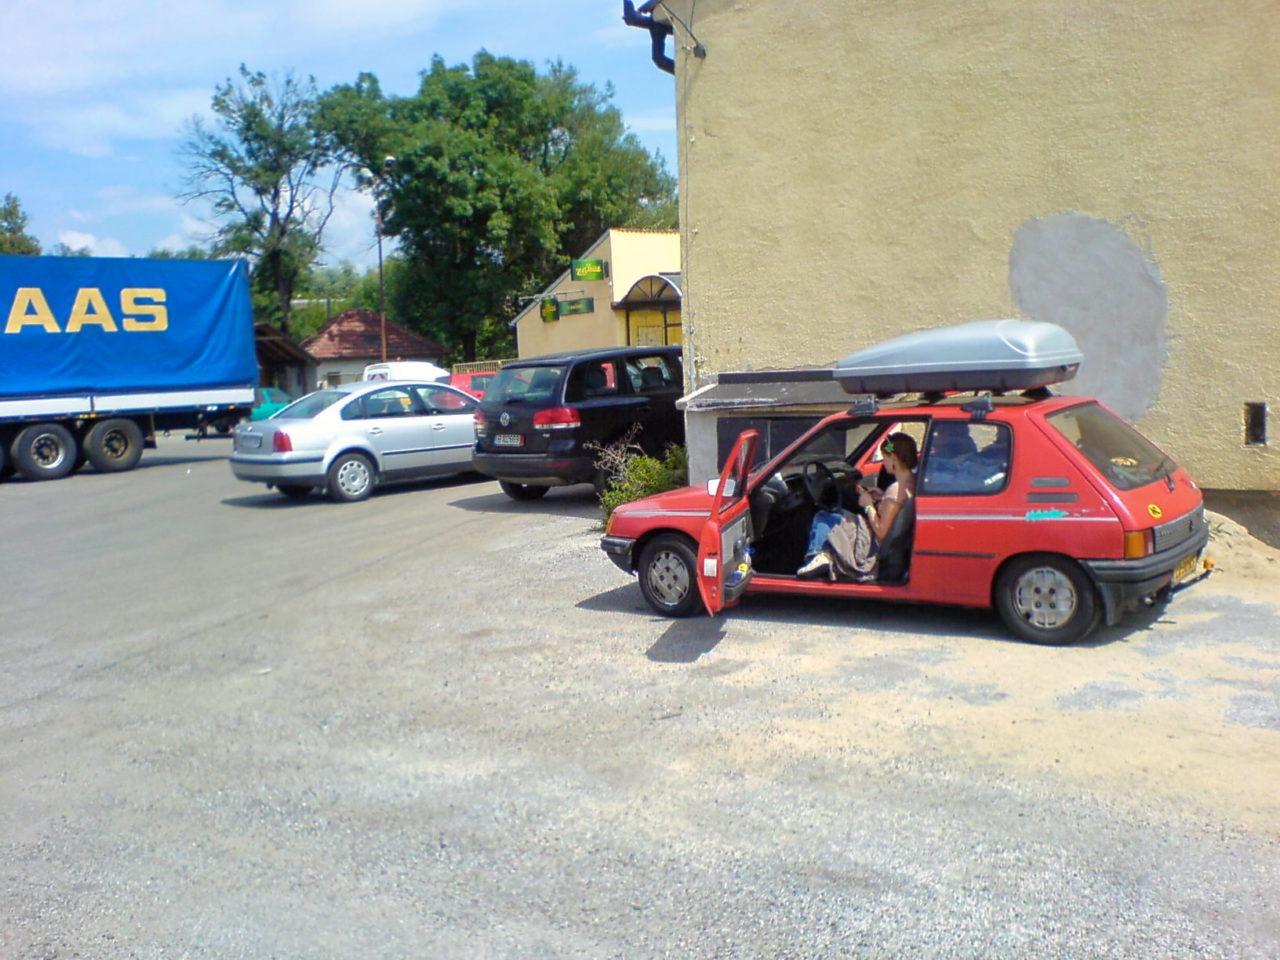 De kleine rode auto bij een tankstation in Tsjechië.